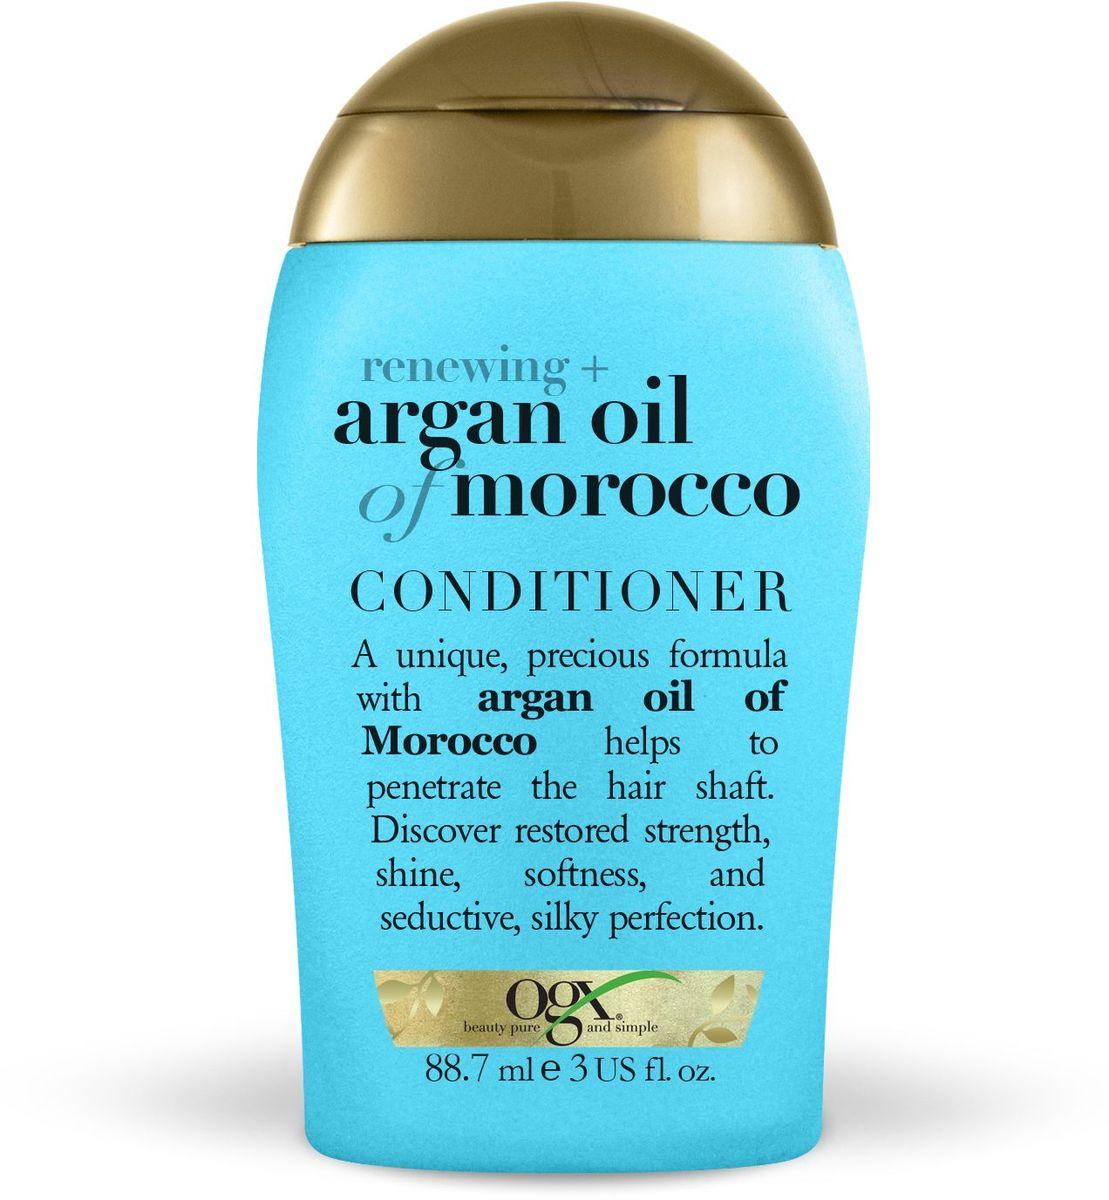 OGX Мини кондиционер для восстановления волос с аргановым маслом, 89 мл.872004348Кондиционер для восстановления волос с аргановым маслом, обогащенный антиоксидантами, способствует обновлению клеточной структуры волос, придает сияния и мягкость.